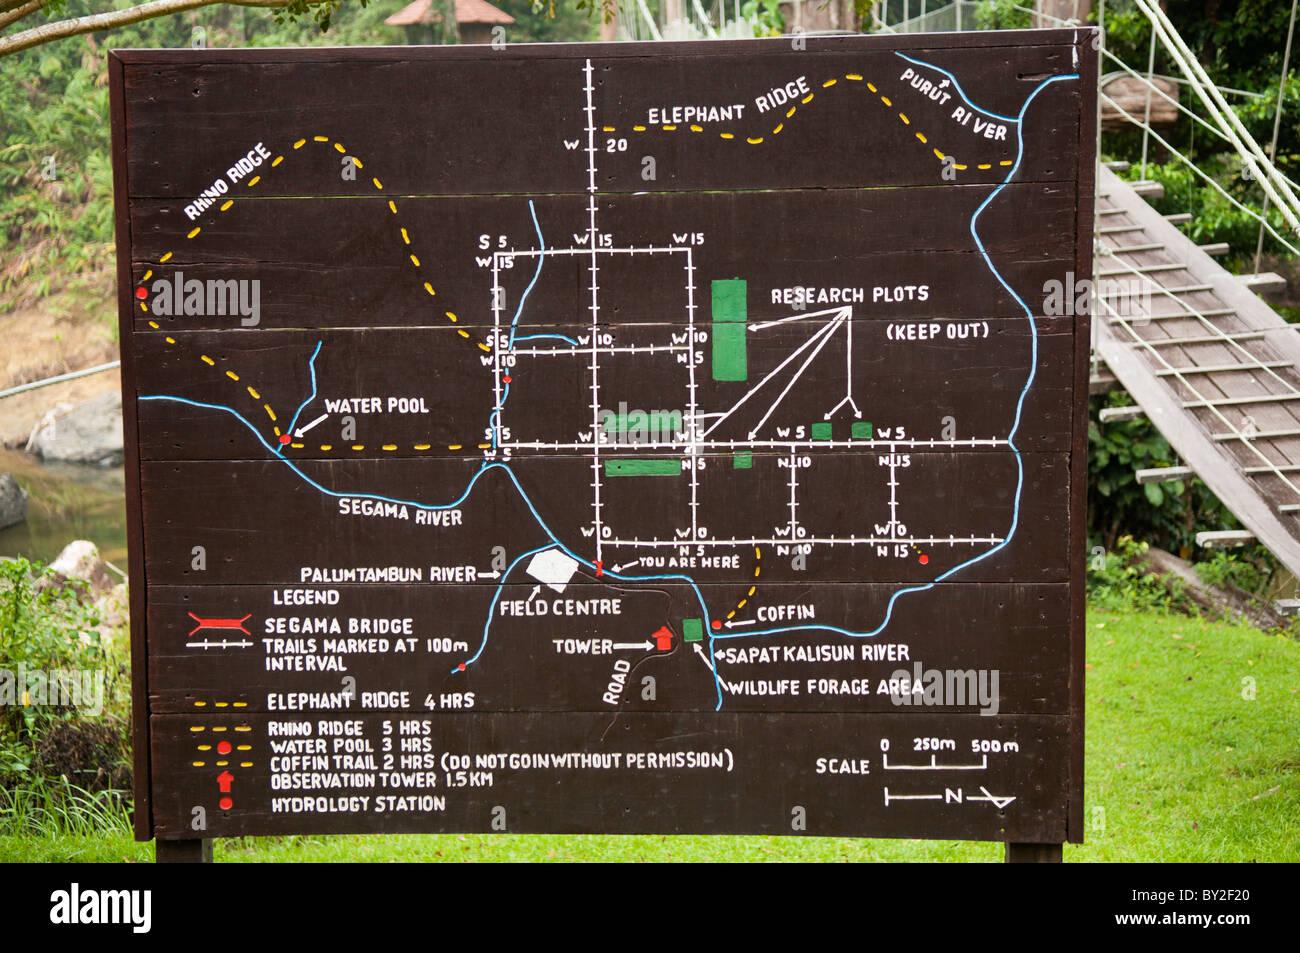 Danum Valley Field Centre Area Map By The Bridge Over Segama River Stock Photo Alamy